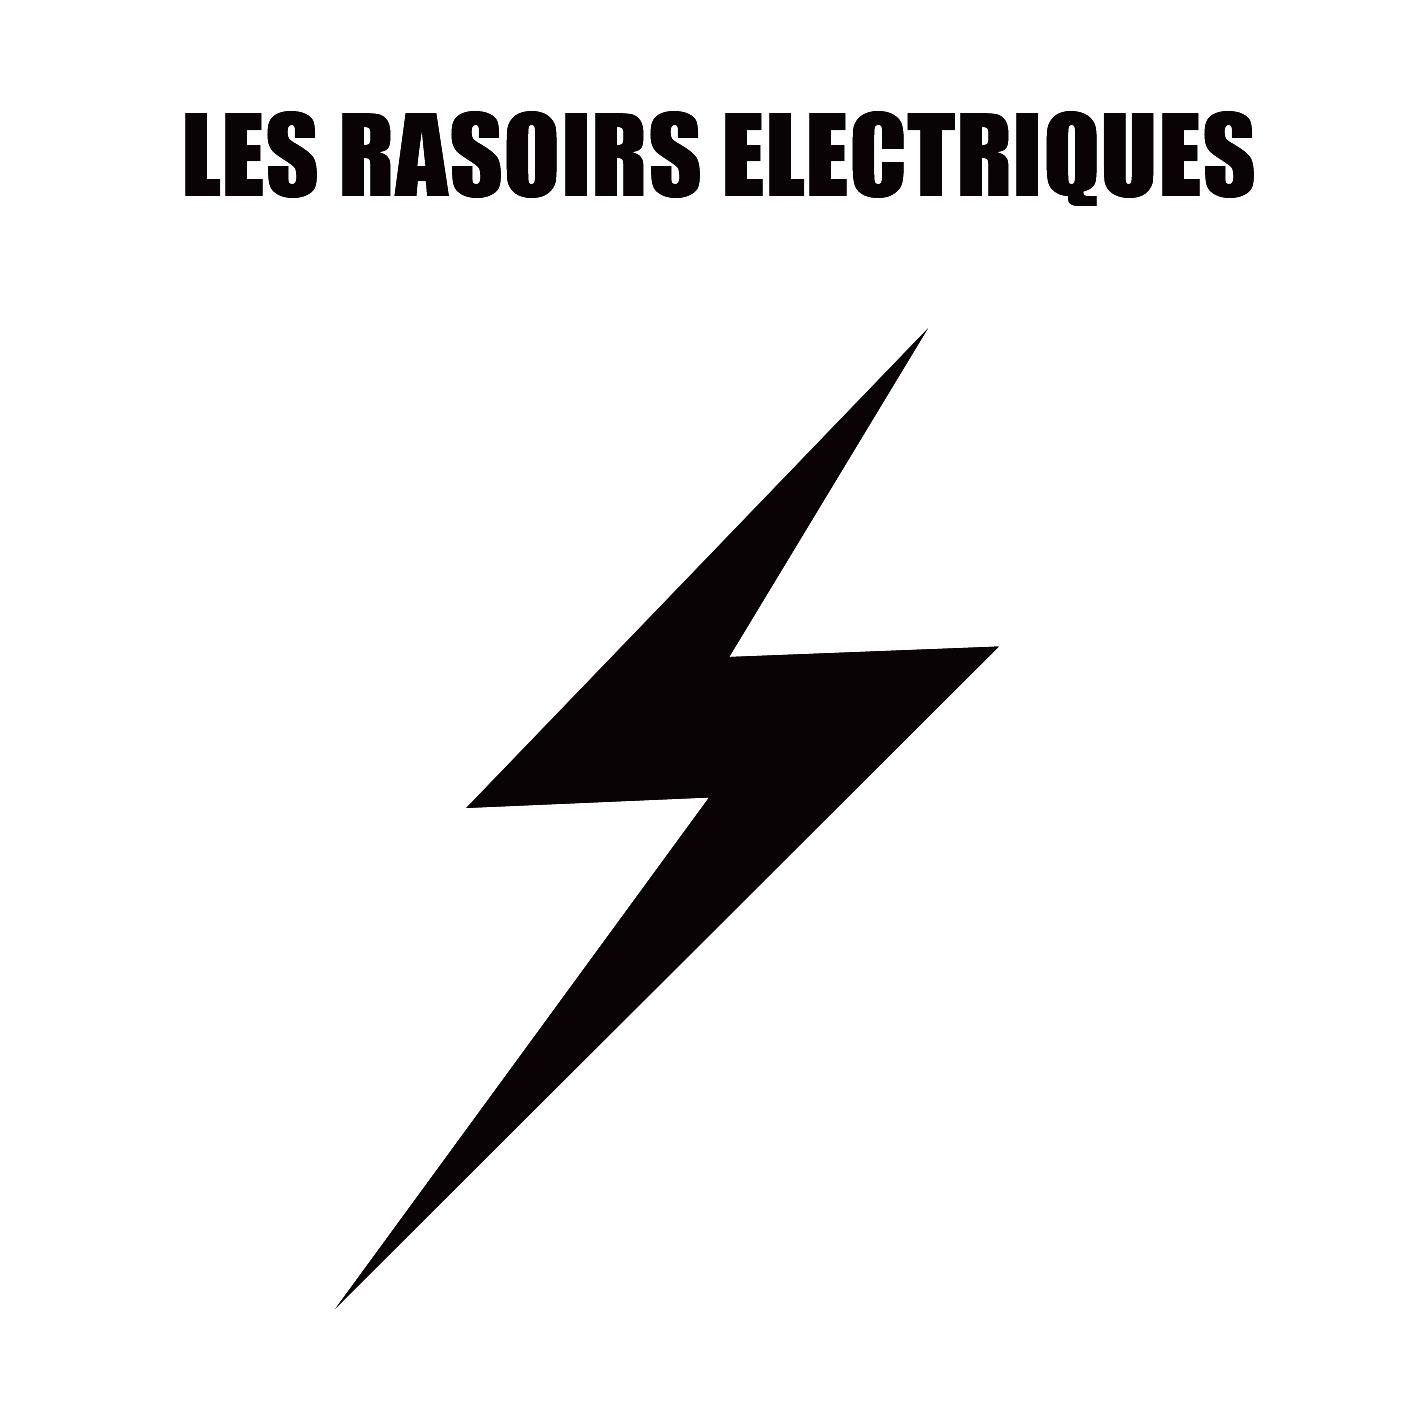 Les Rasoirs Electriques - st